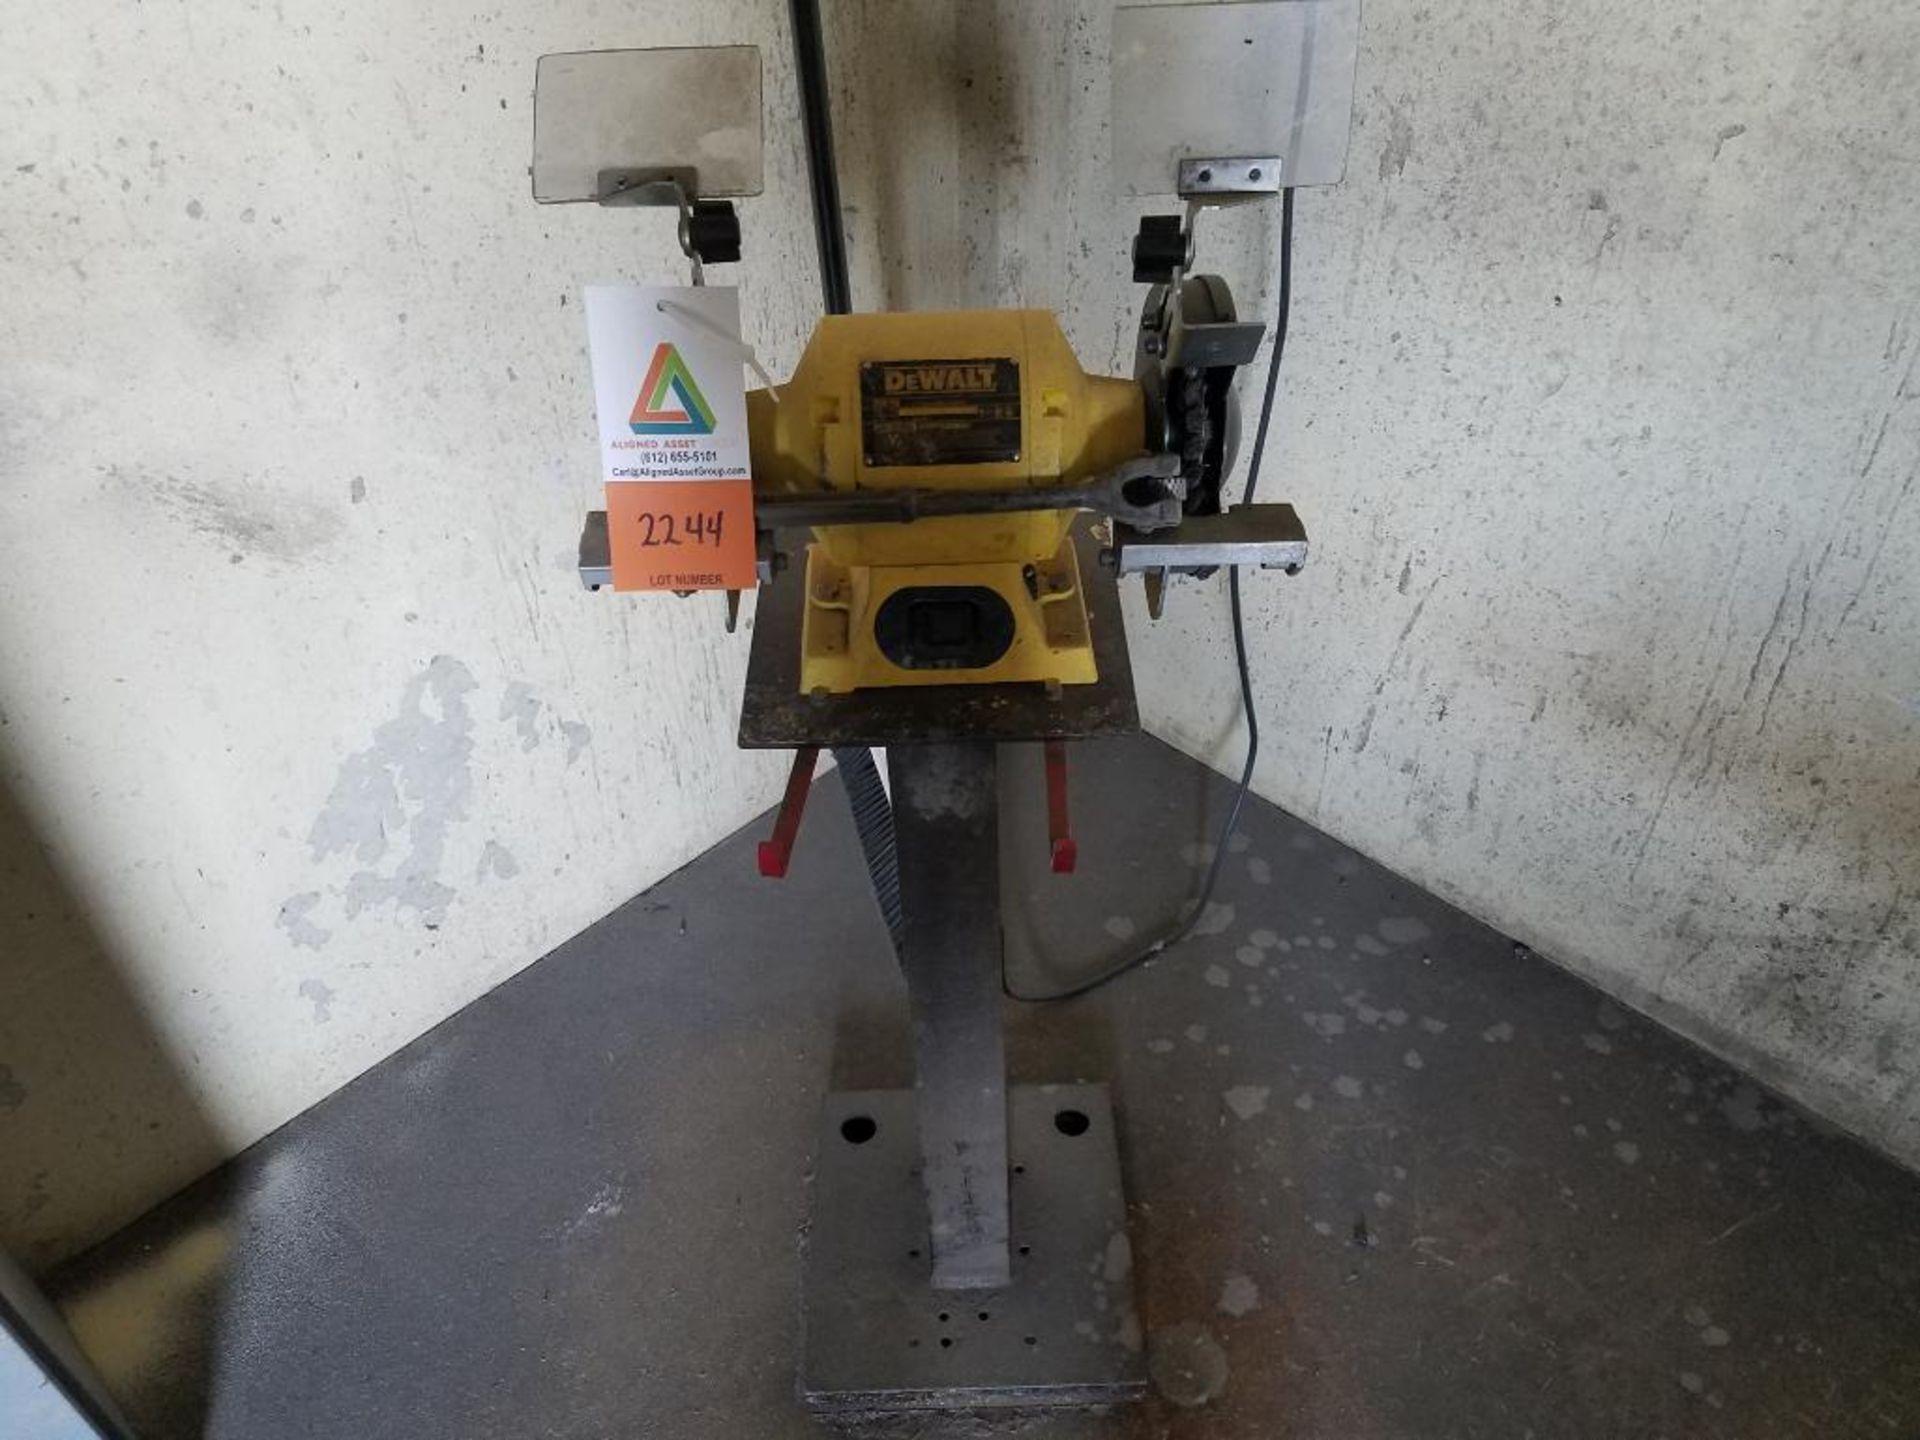 DeWalt double arbor pedestal grinder